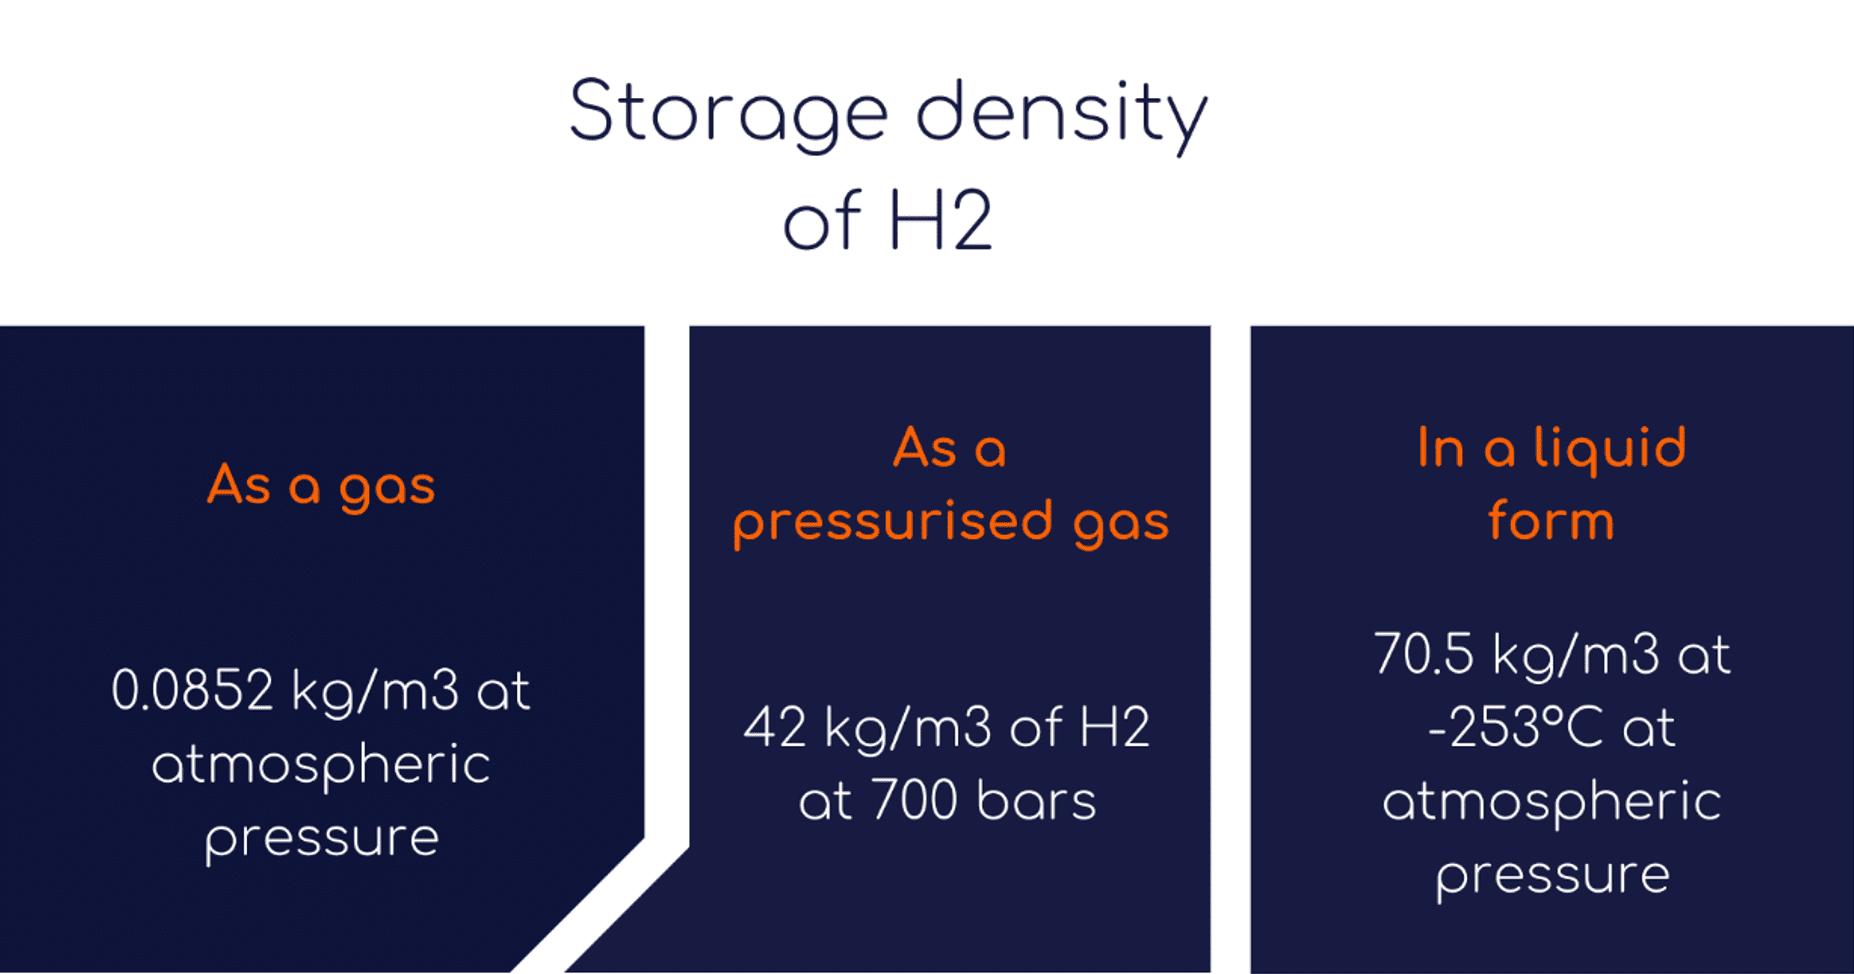 densidad de almacenamiento de hidrógeno